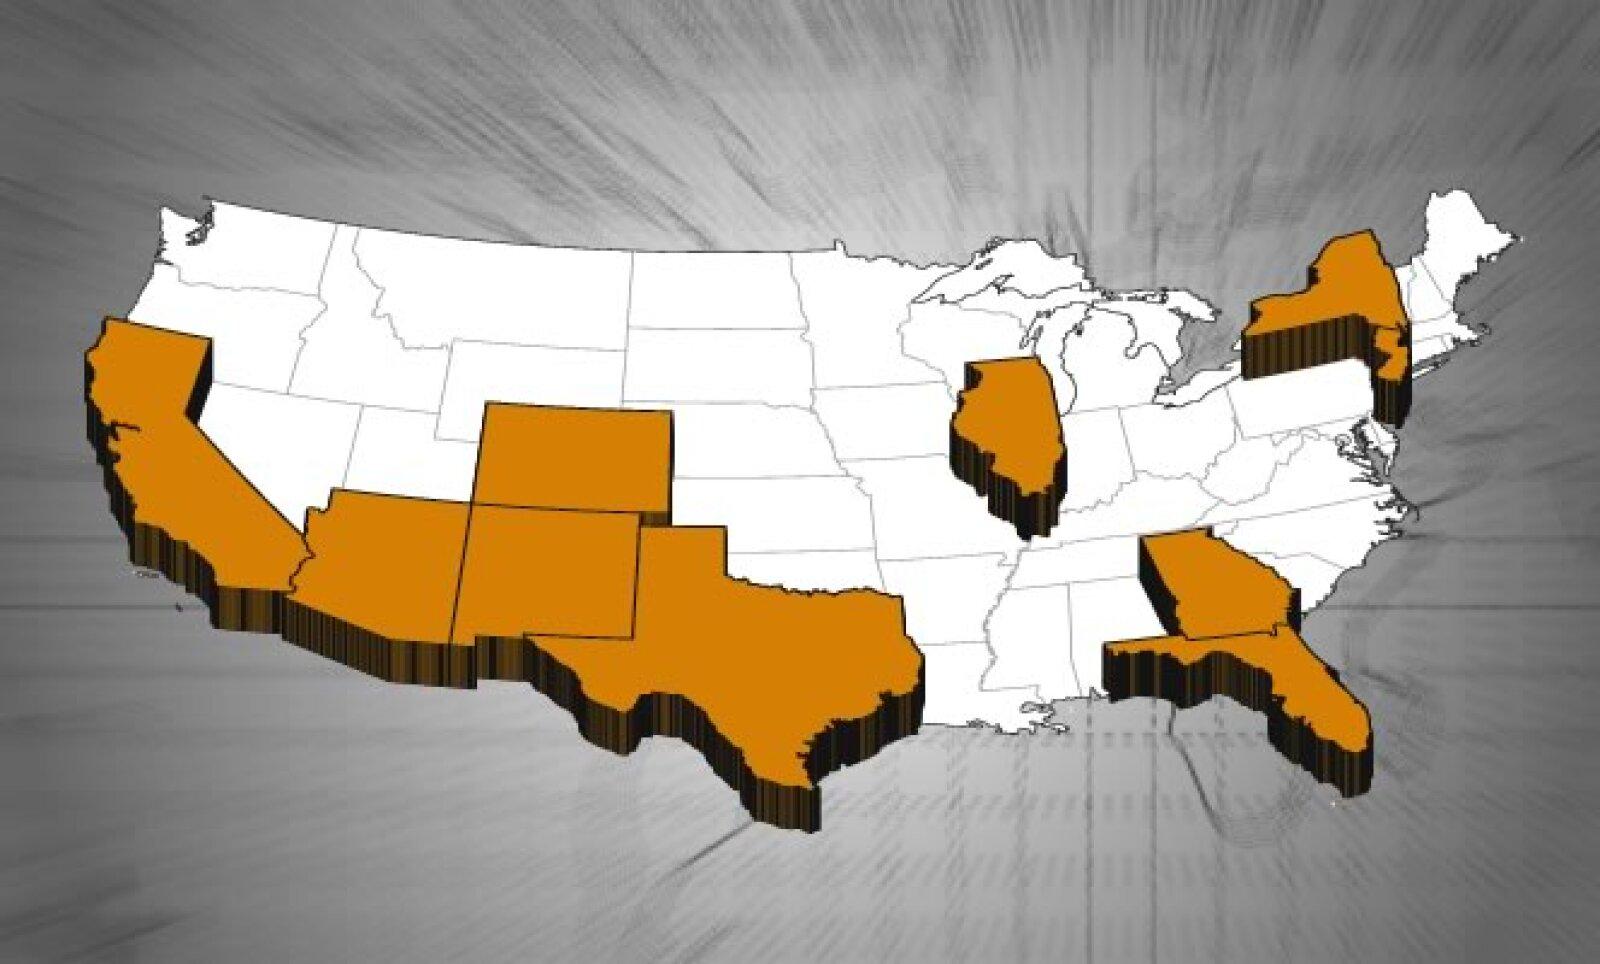 Los estados clave son: California, Florida, Texas, NY, Illinois, Arizona, Nevada, Nuevo México.